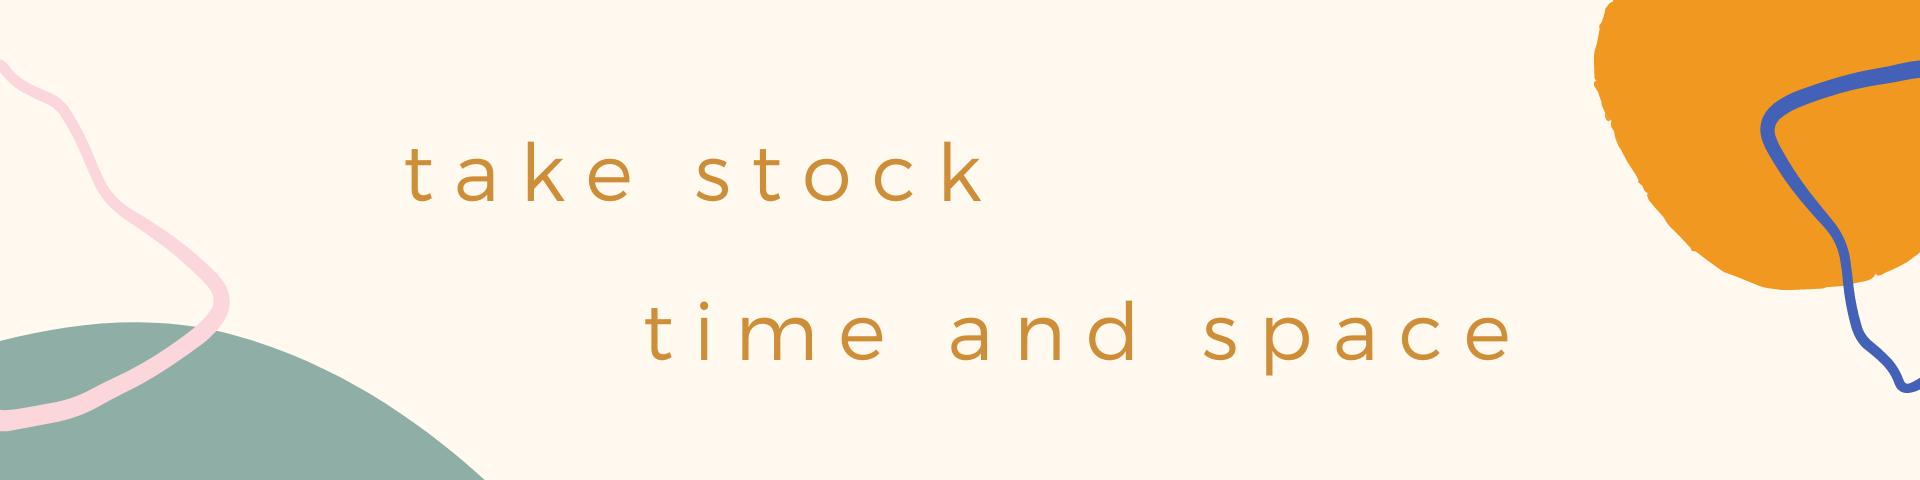 take stock banner